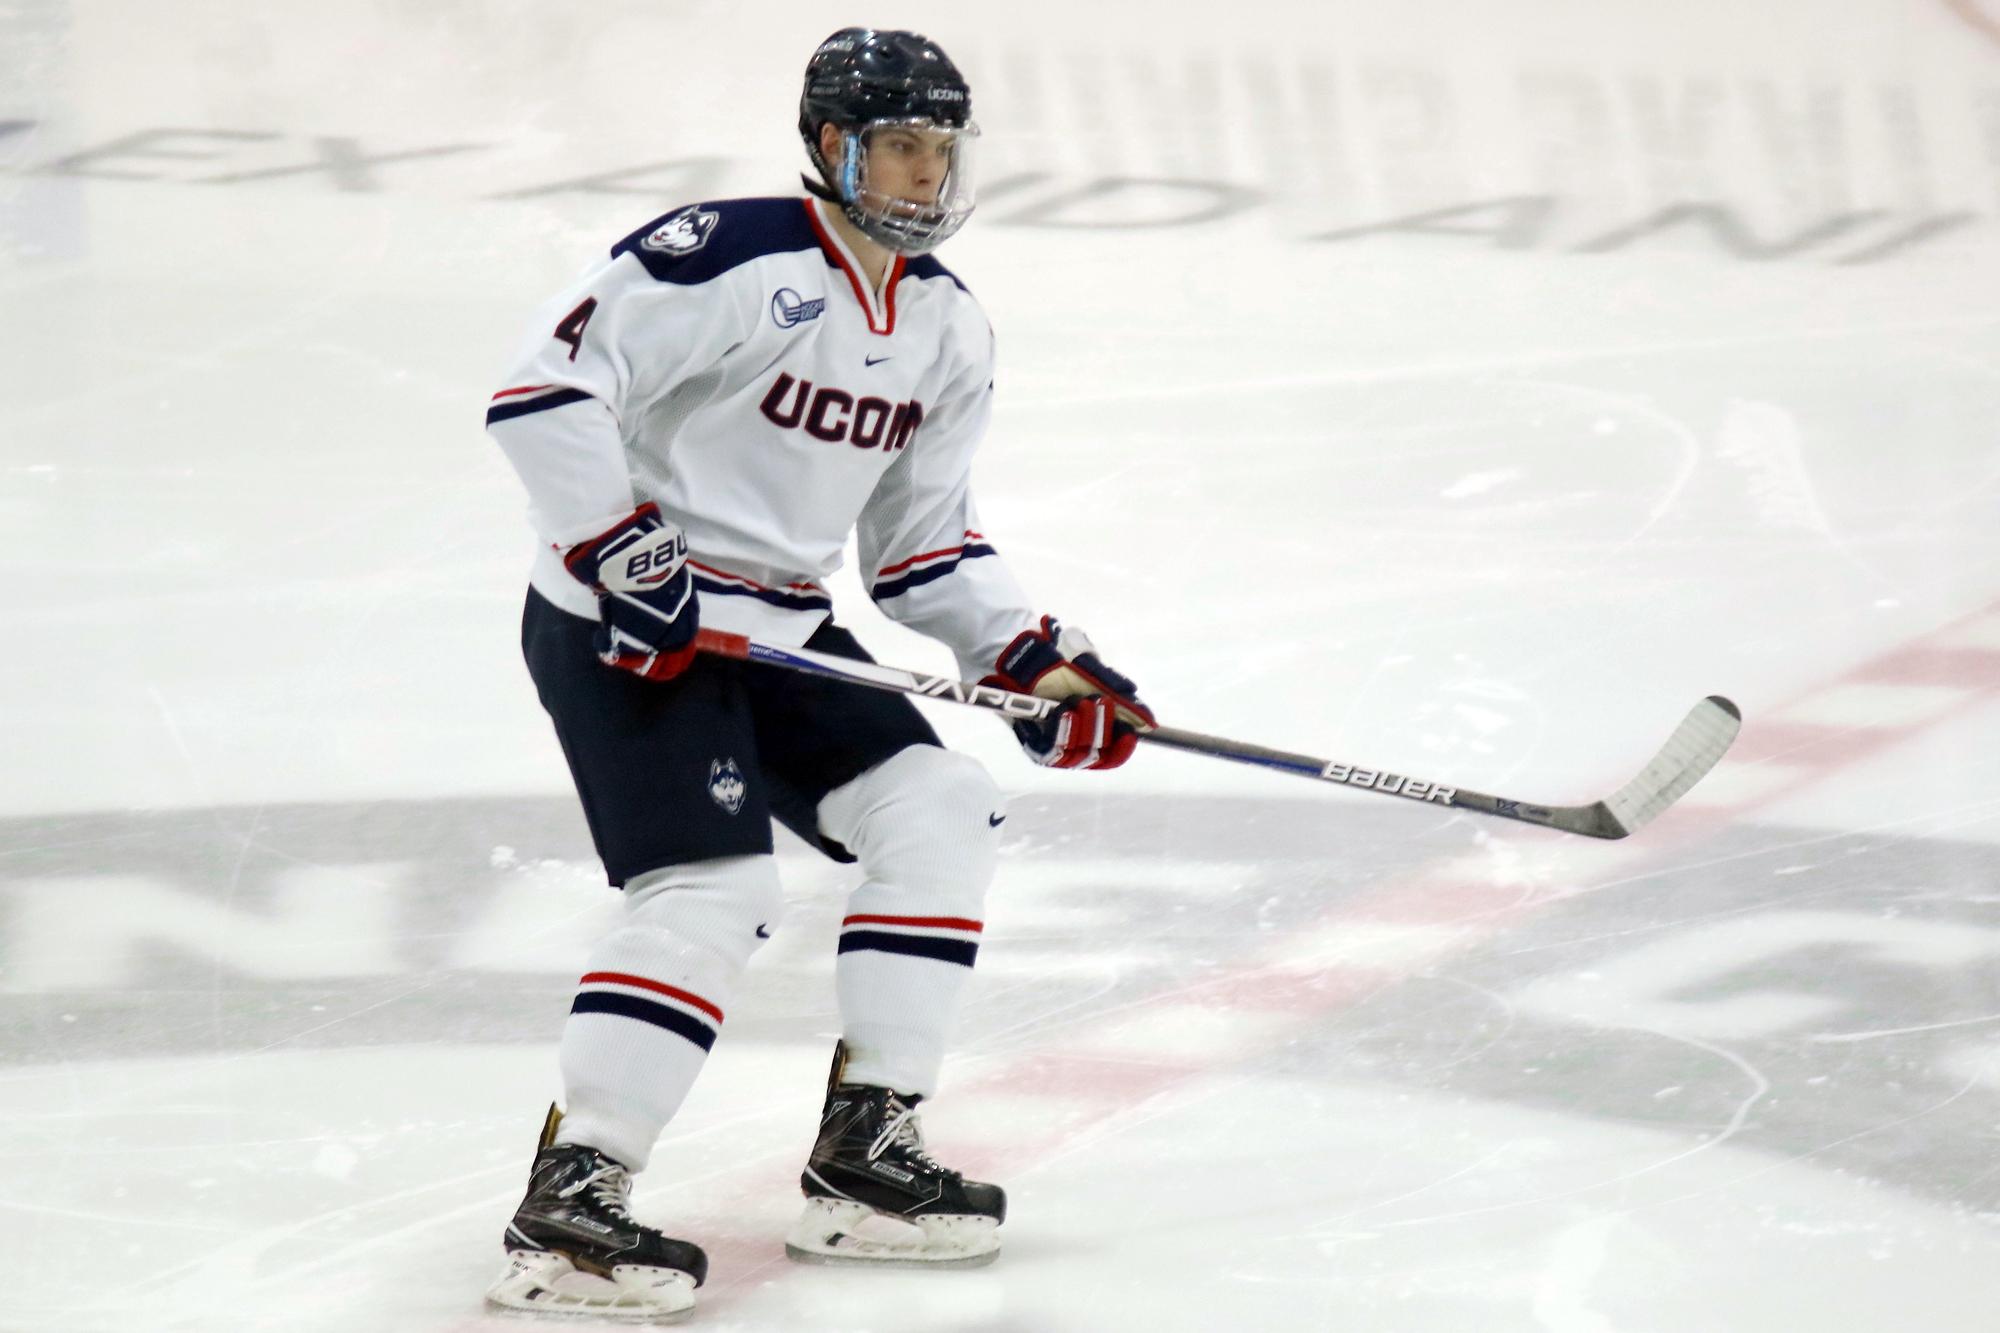 Providence Friars men's ice hockey - Wikipedia